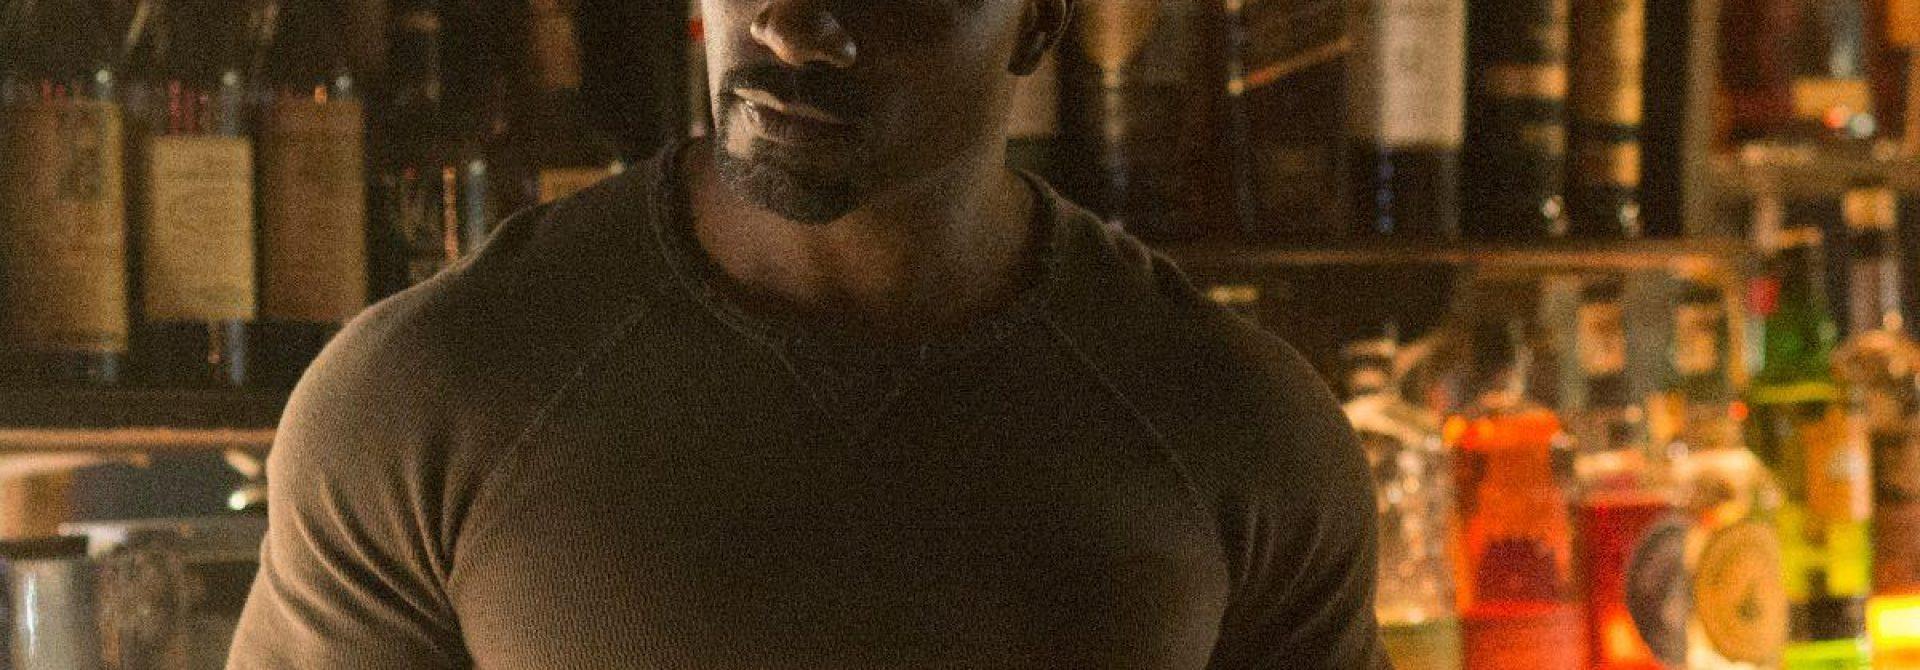 Luke Cage: Full Trailer Arrives Online